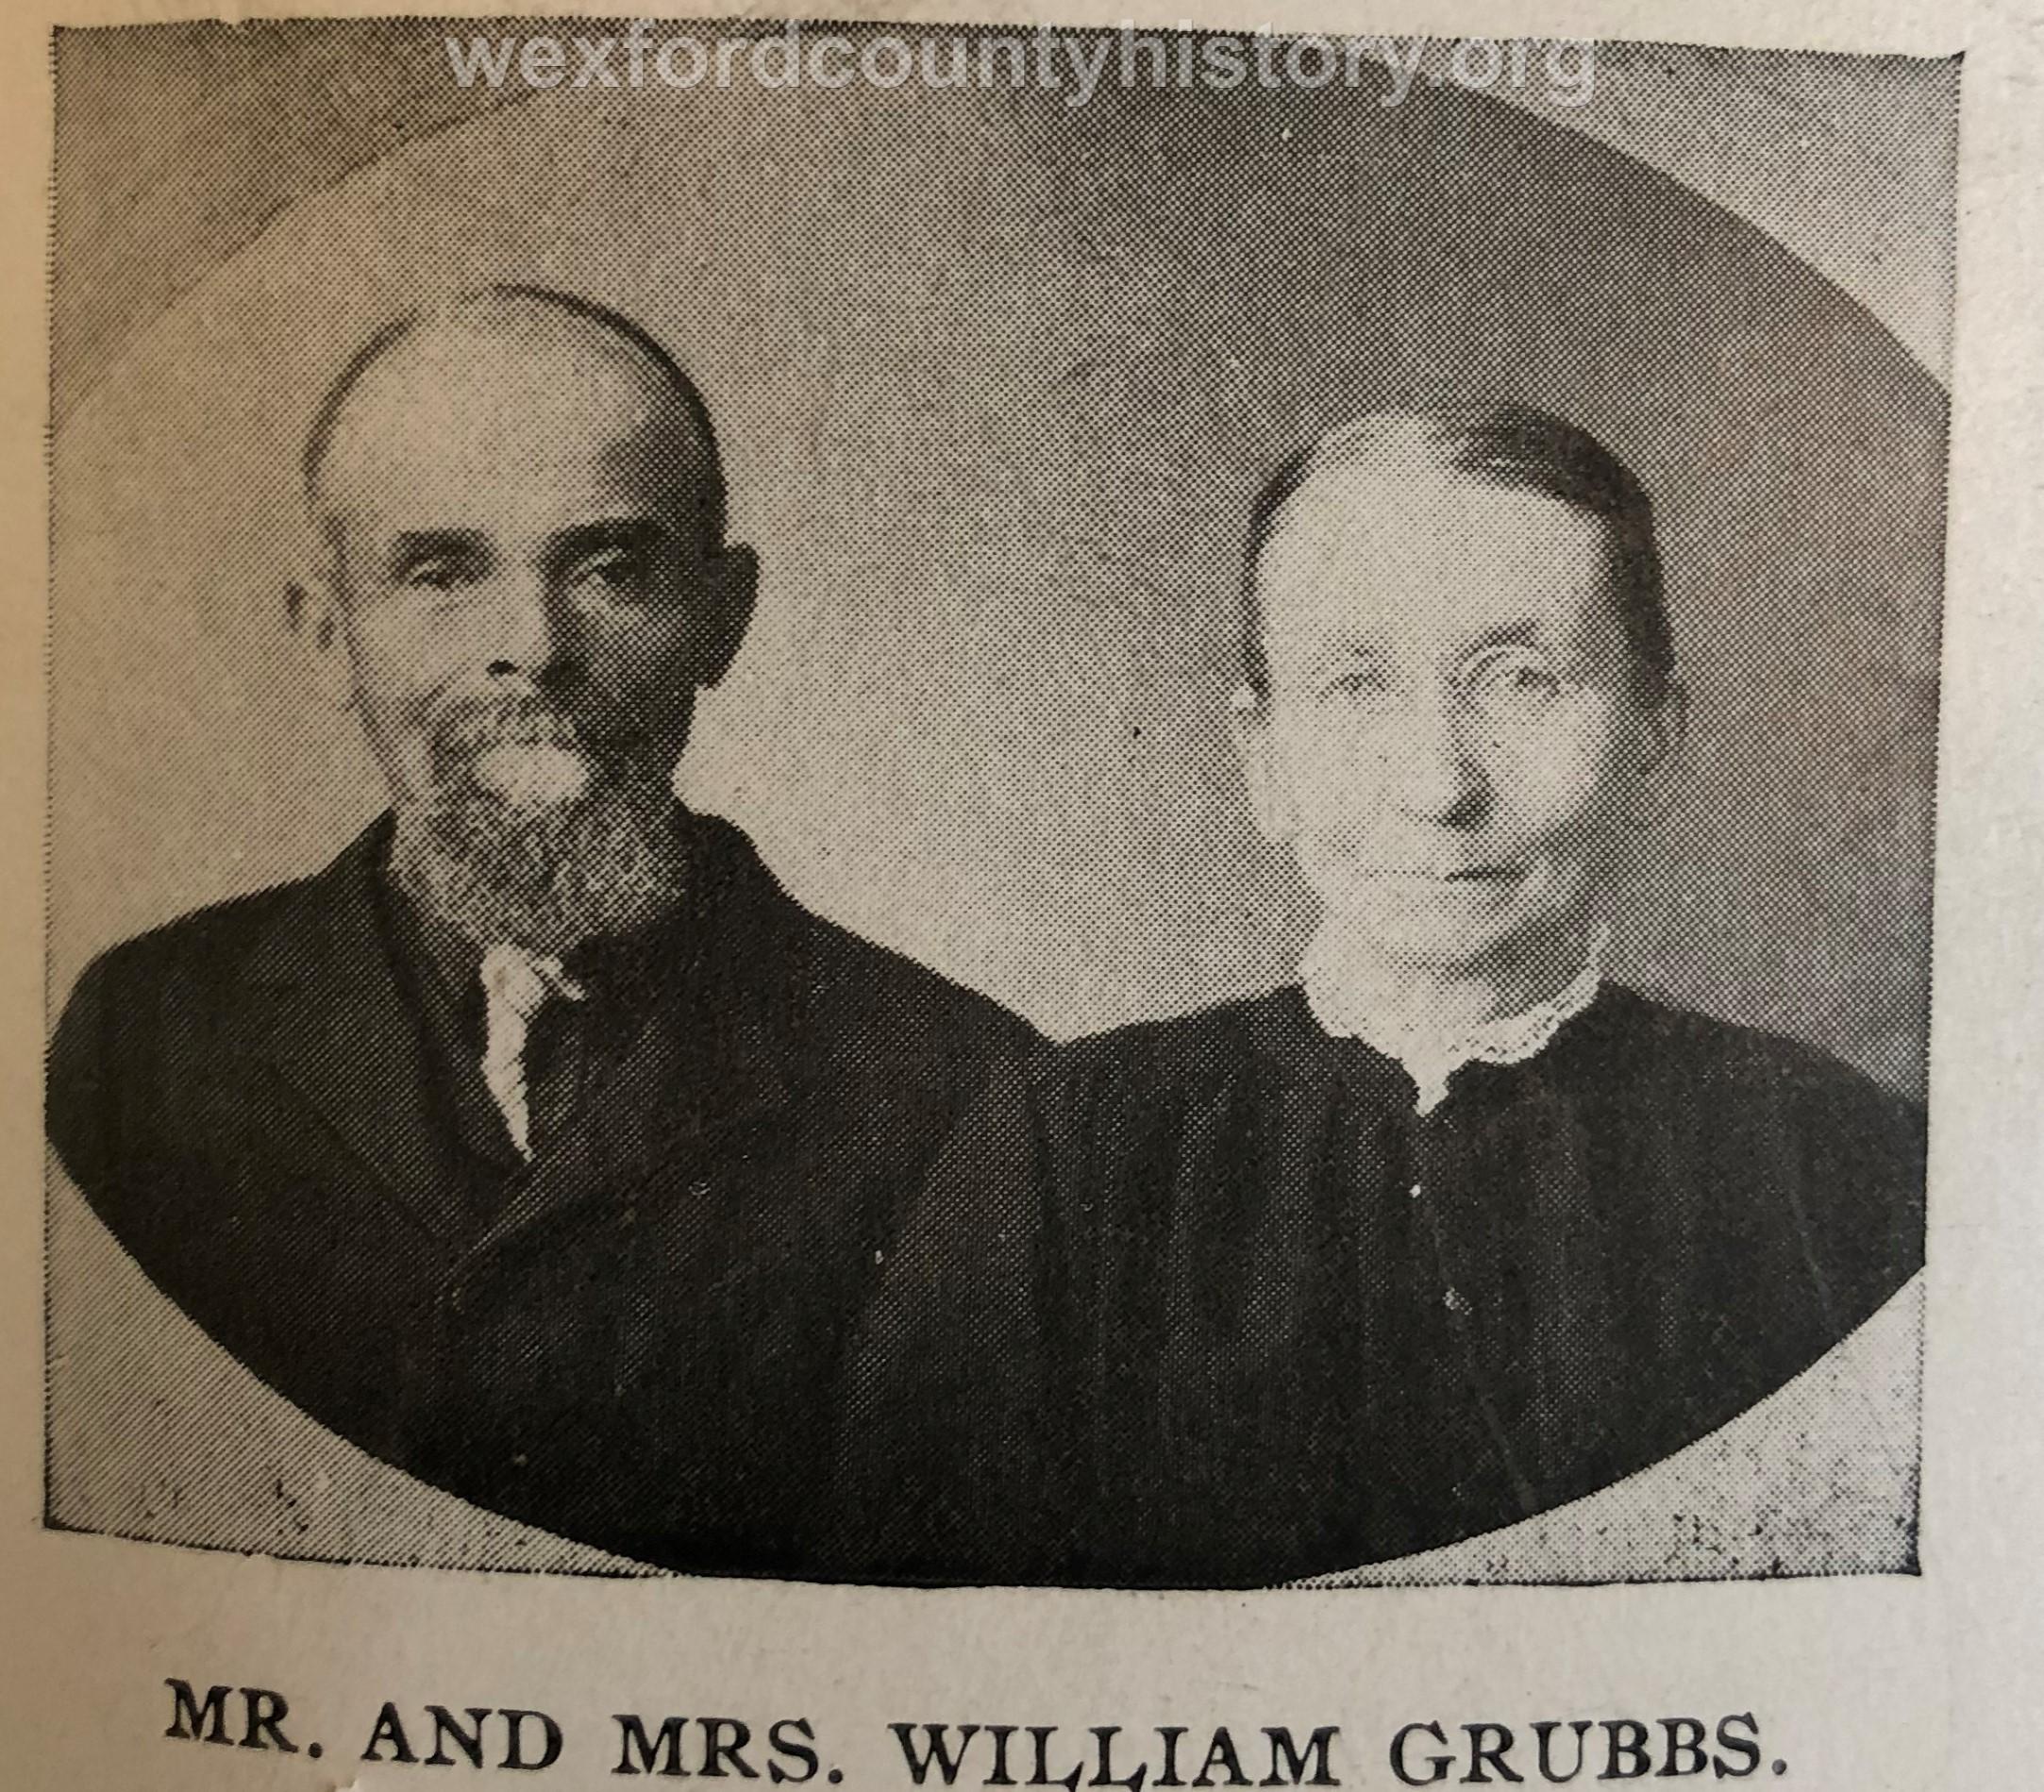 William Grubbs